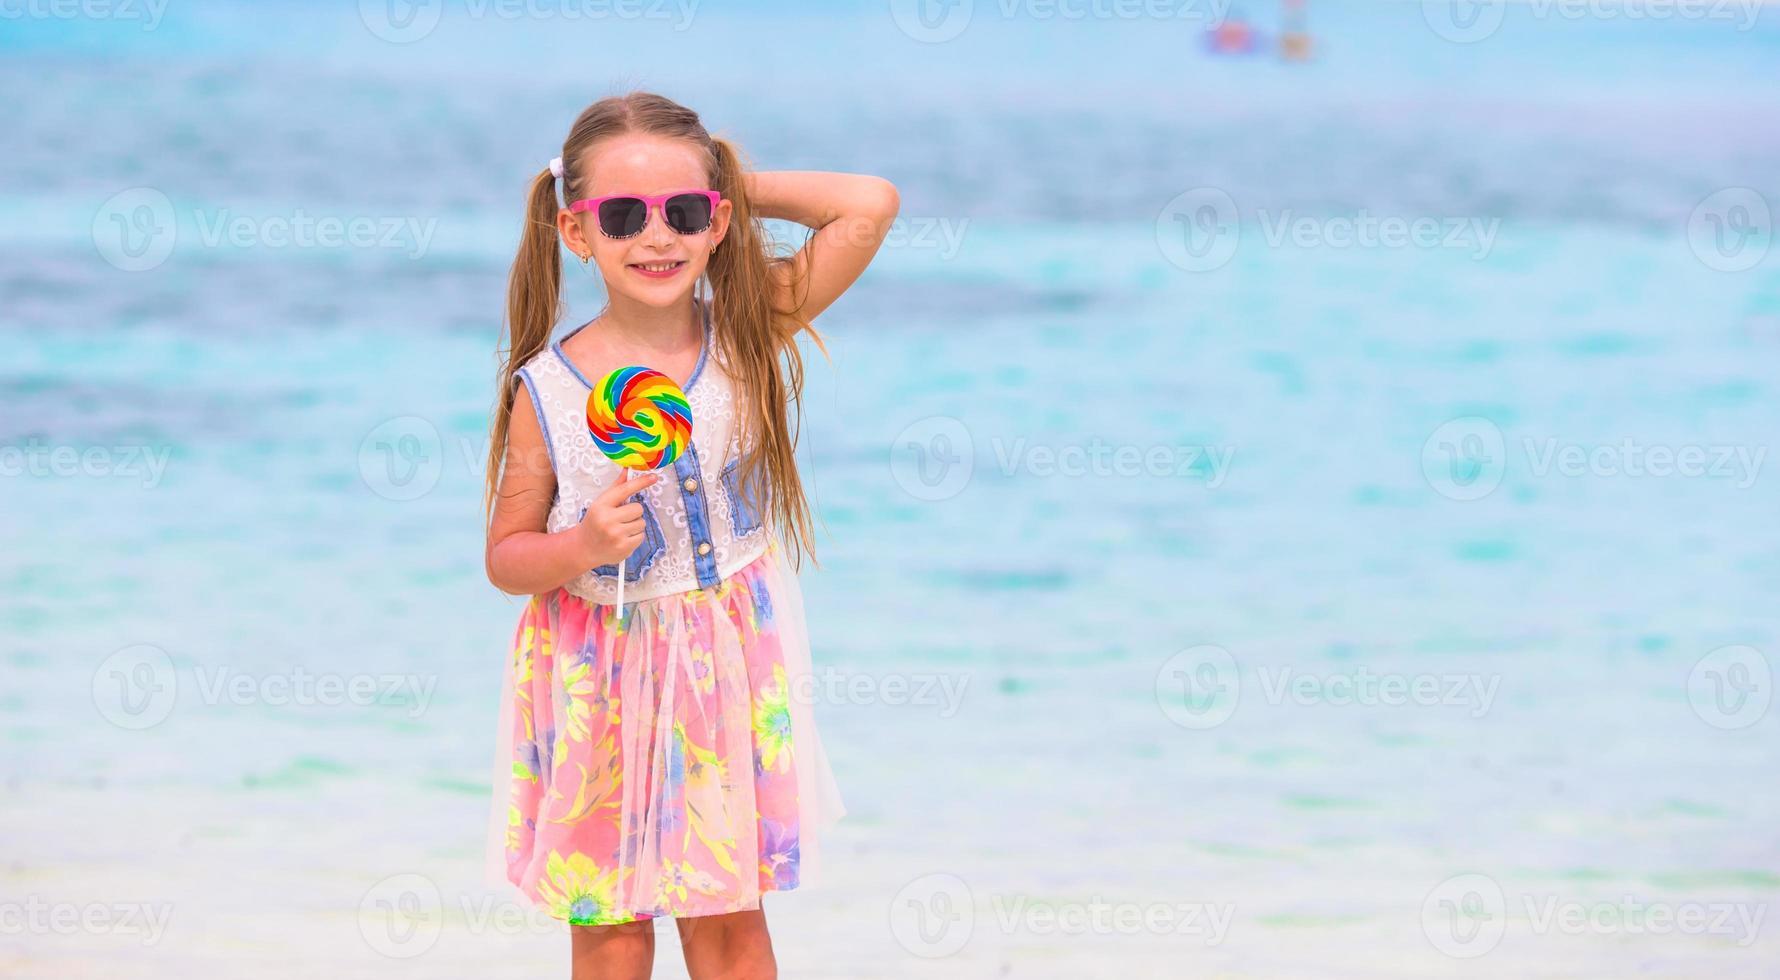 menina adorável se divertir com pirulito na praia foto